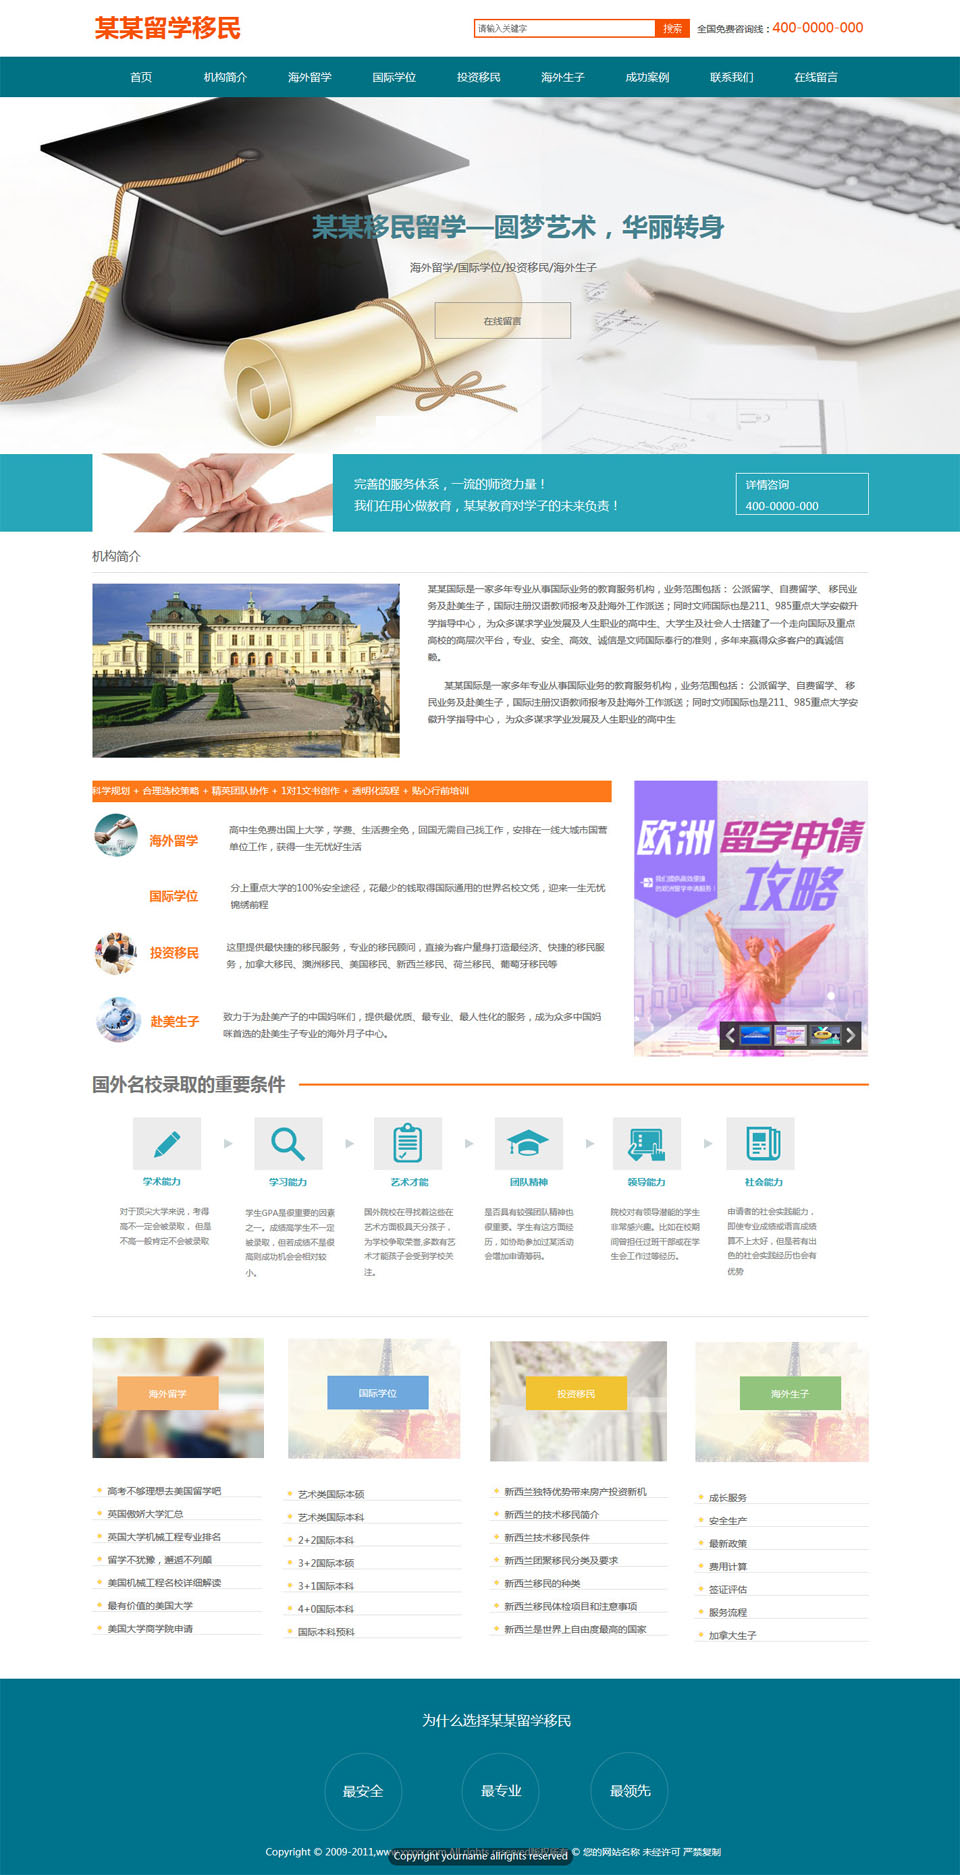 教育服务机构 网站建设